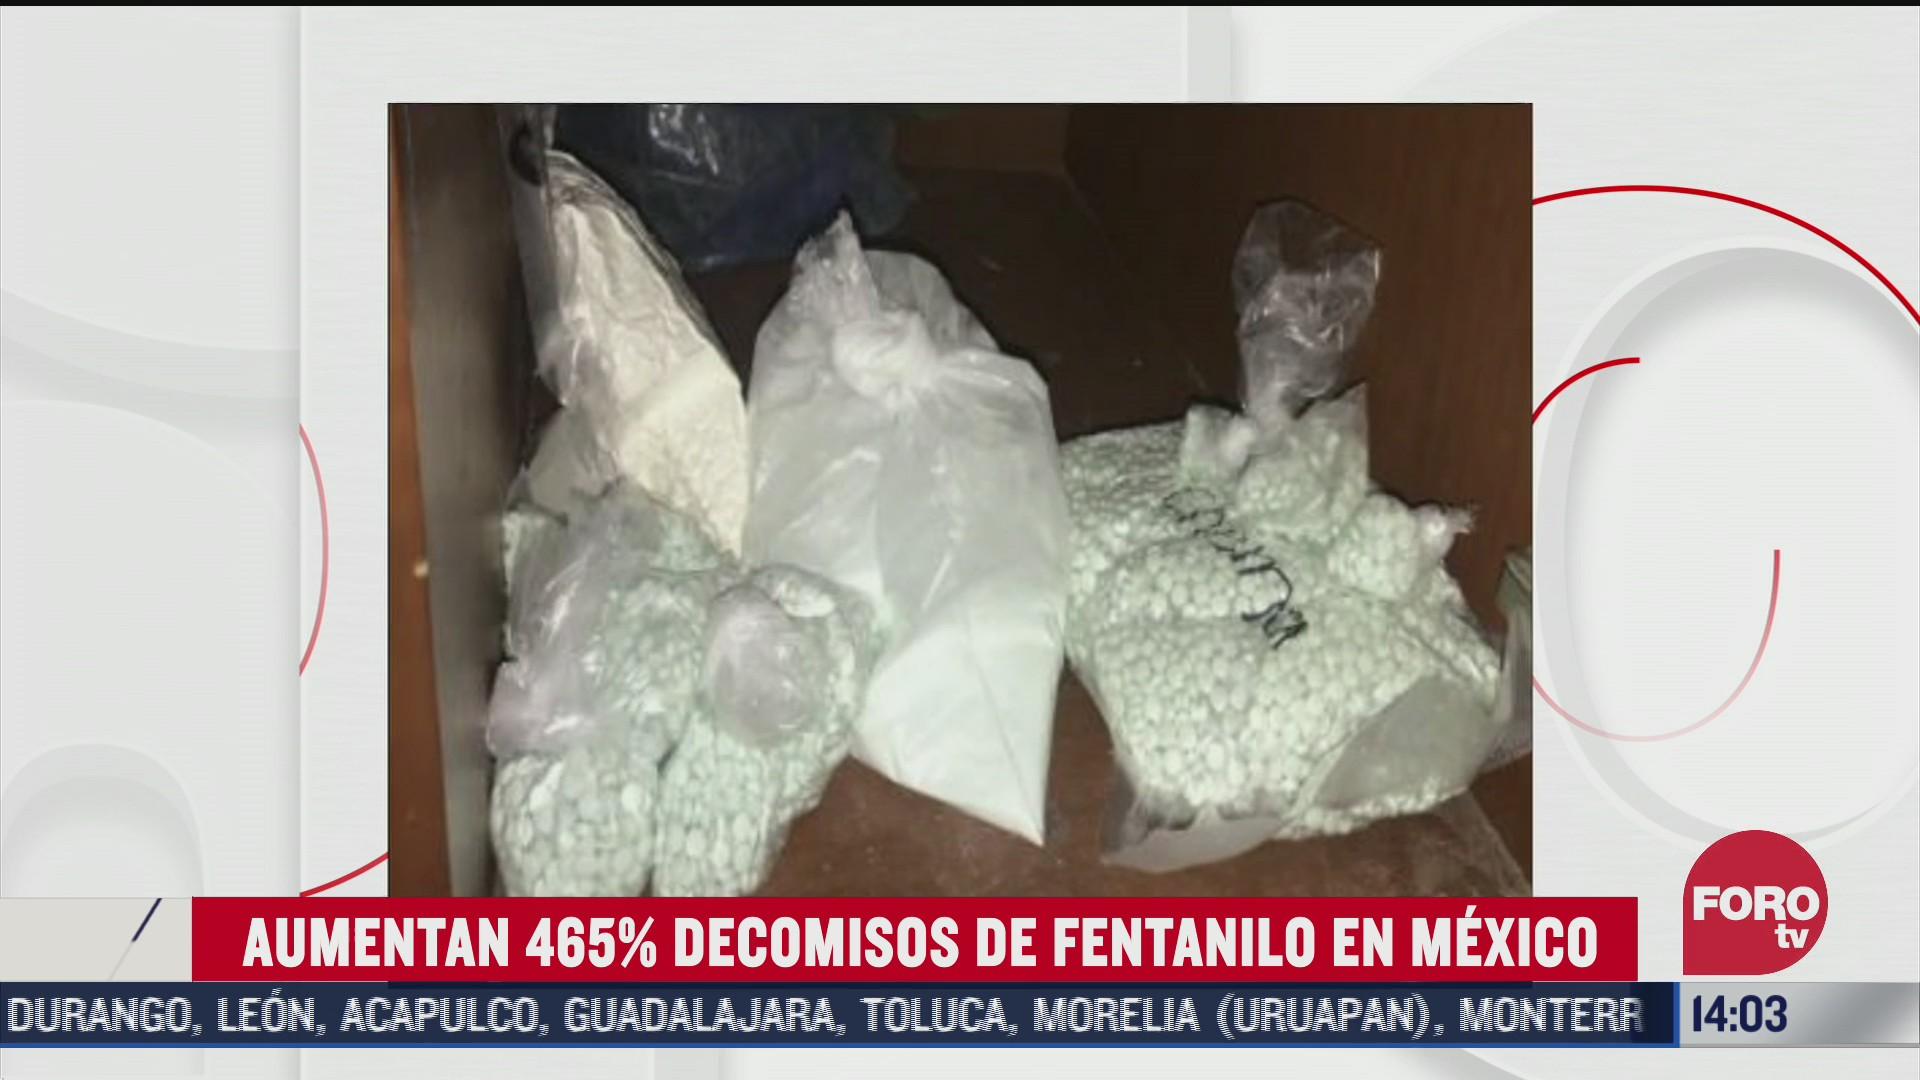 gobierno federal decomisa cifra record de fentanilo